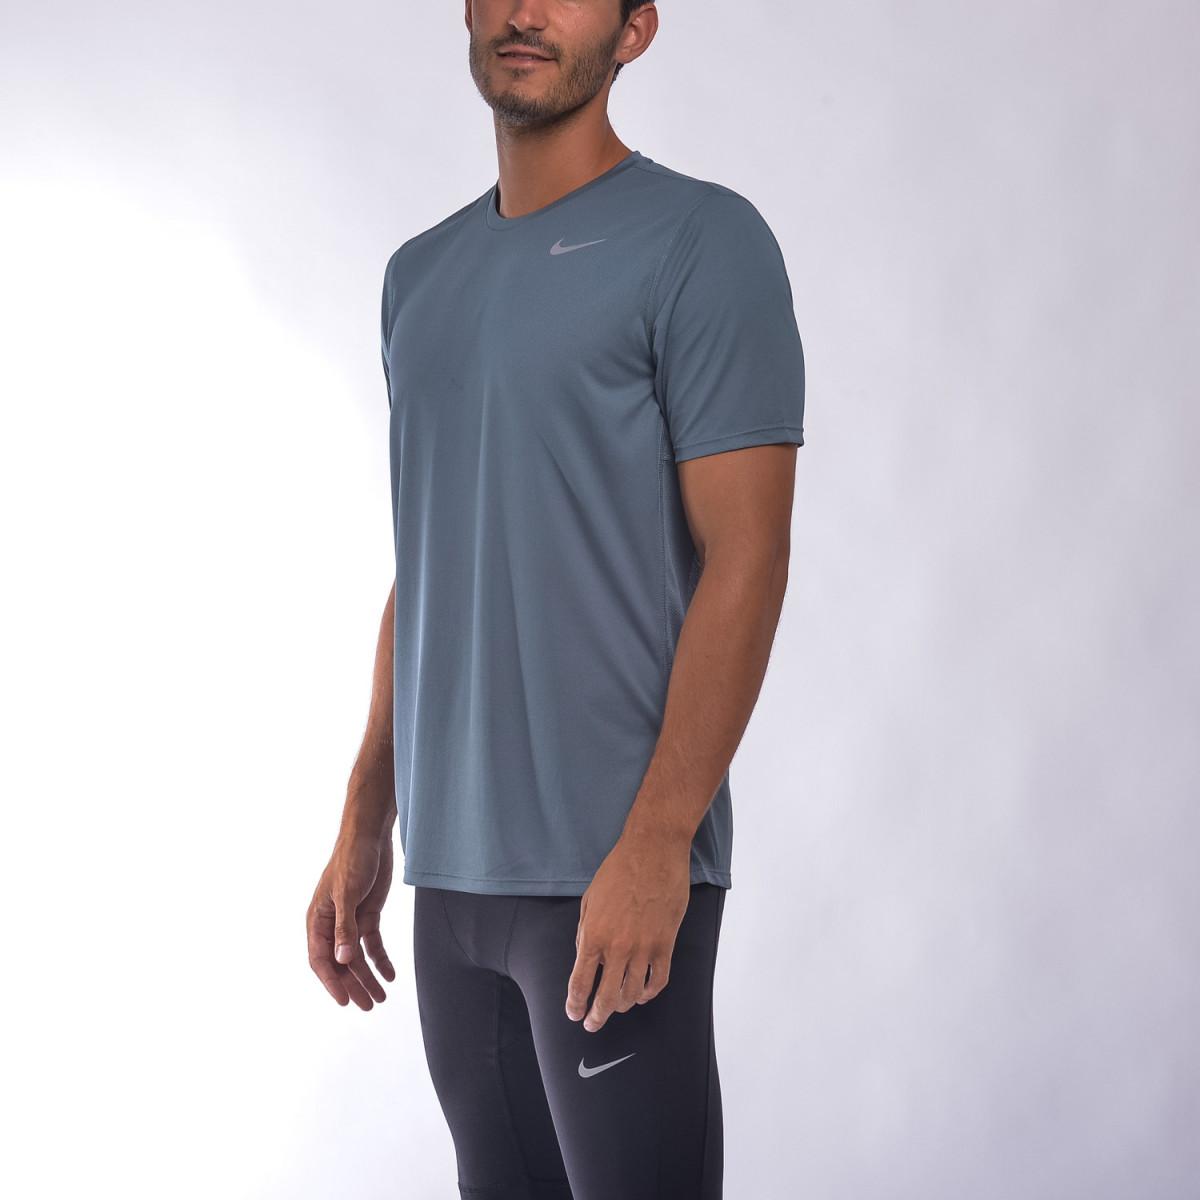 Remera Nike Racer